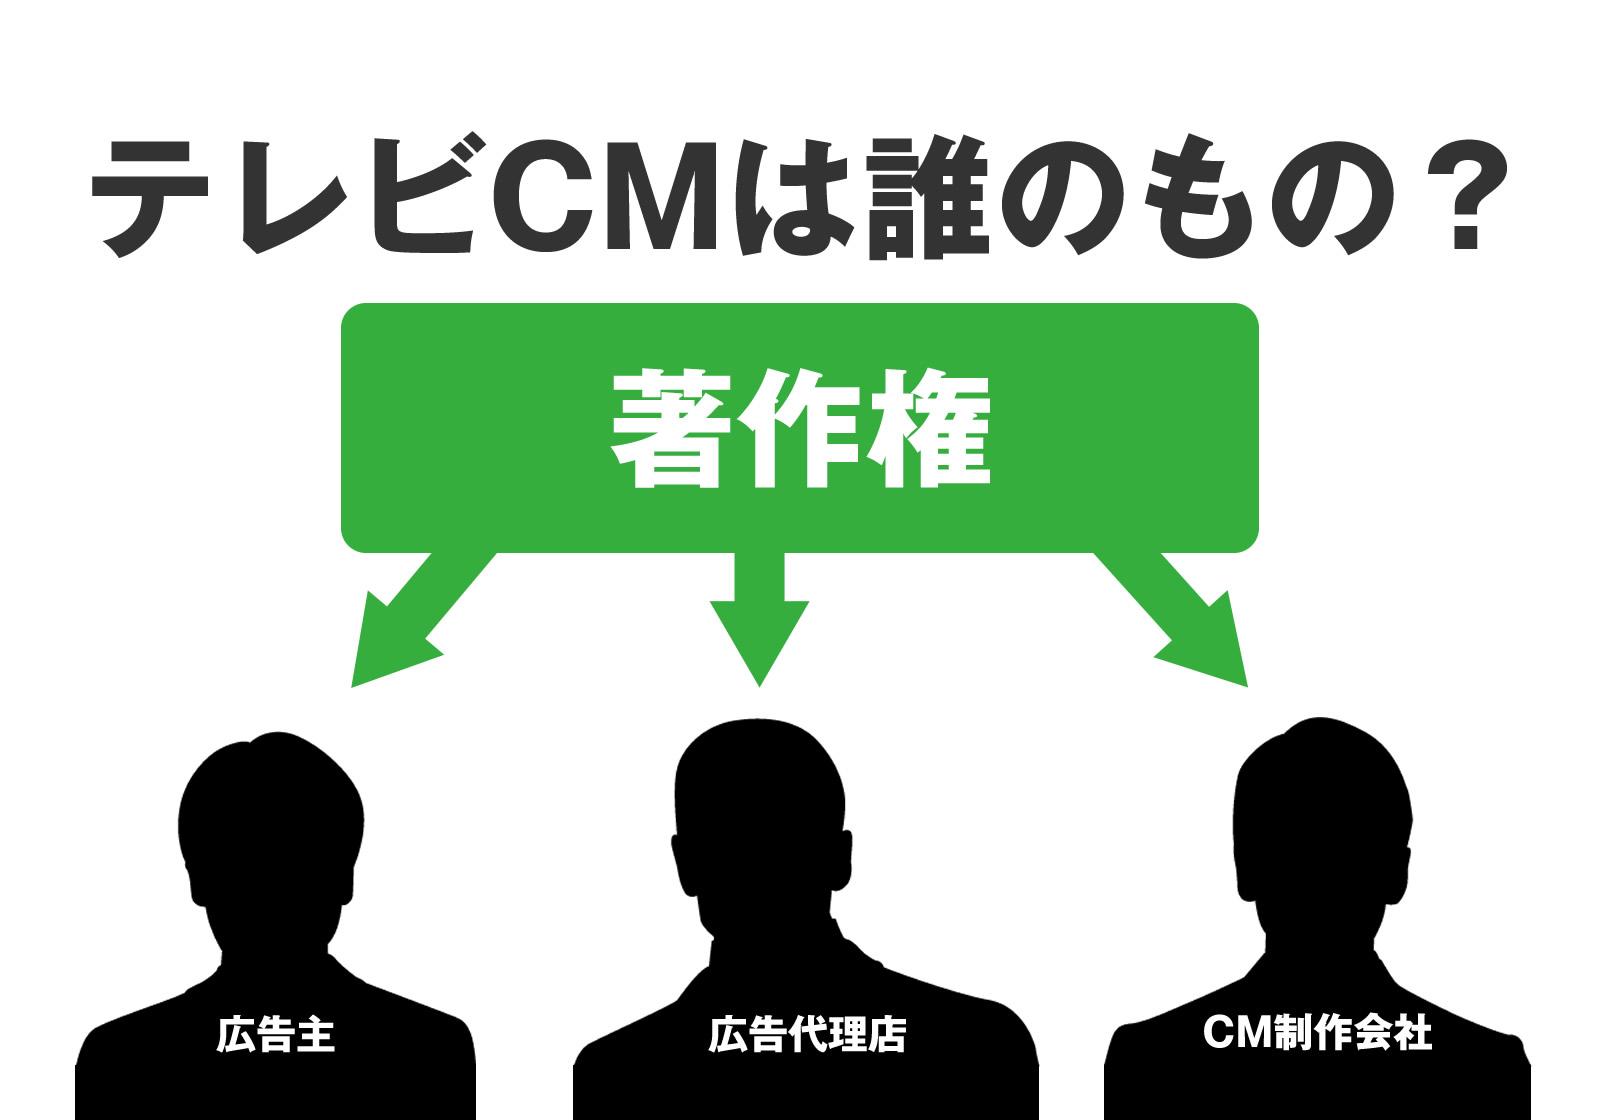 テレビCMは誰のもの?CMの著作権はどこに帰属するのか